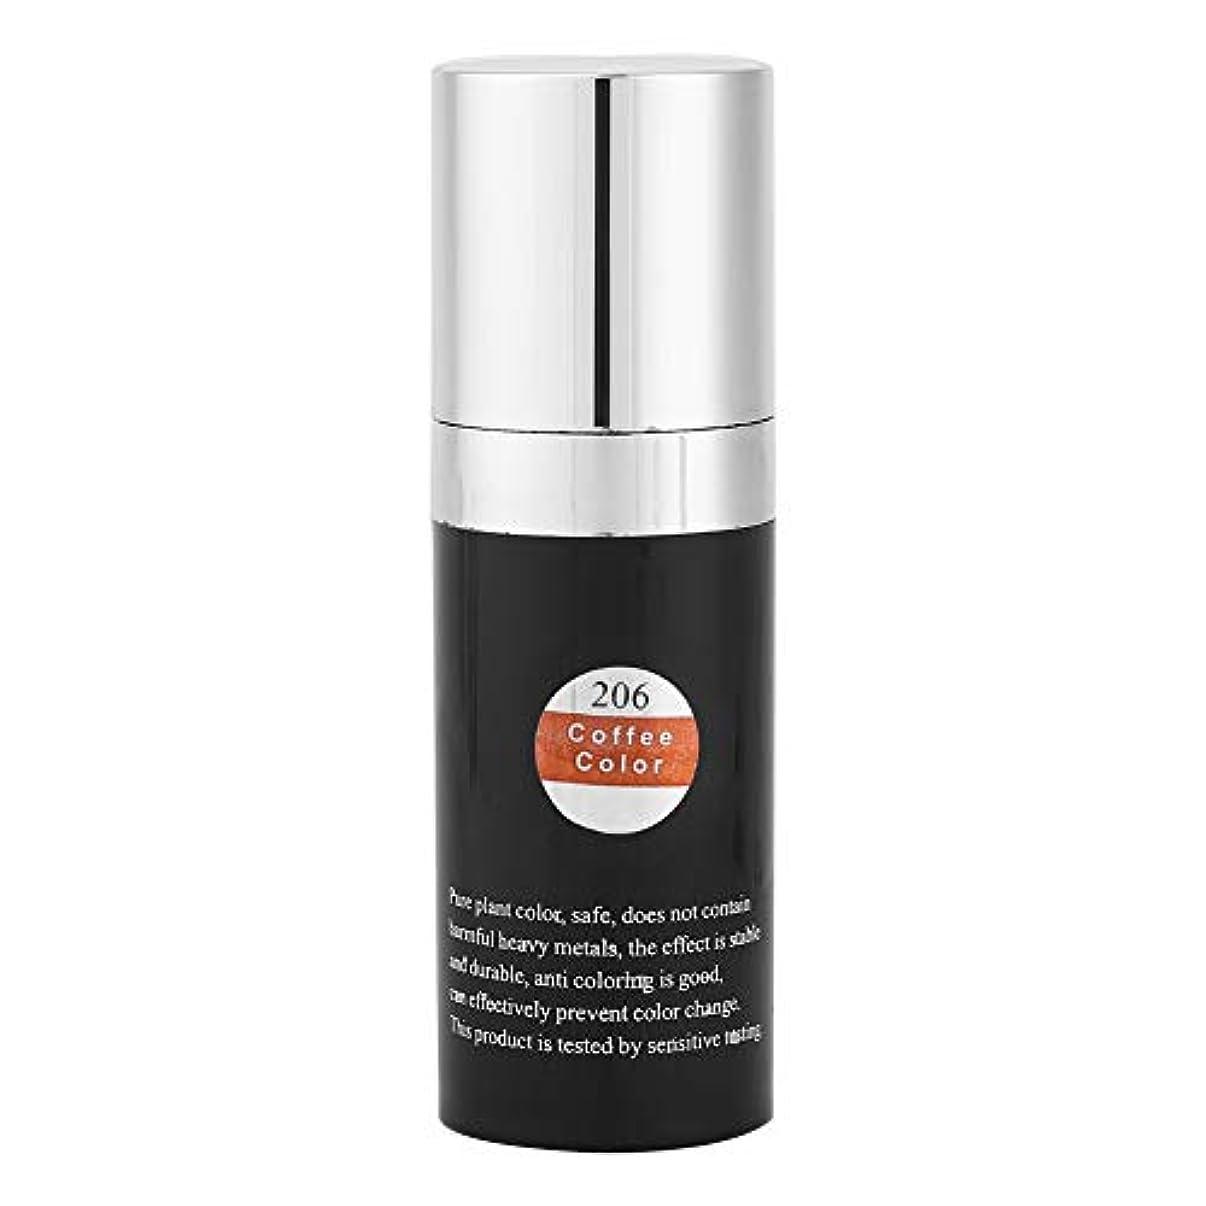 誘発する時系列リフレッシュ6色顔料の入れ墨、有機性植物の顔料インク眉毛の唇の目ライン永久的な色の構造の入れ墨の化粧品インク(コーヒー)